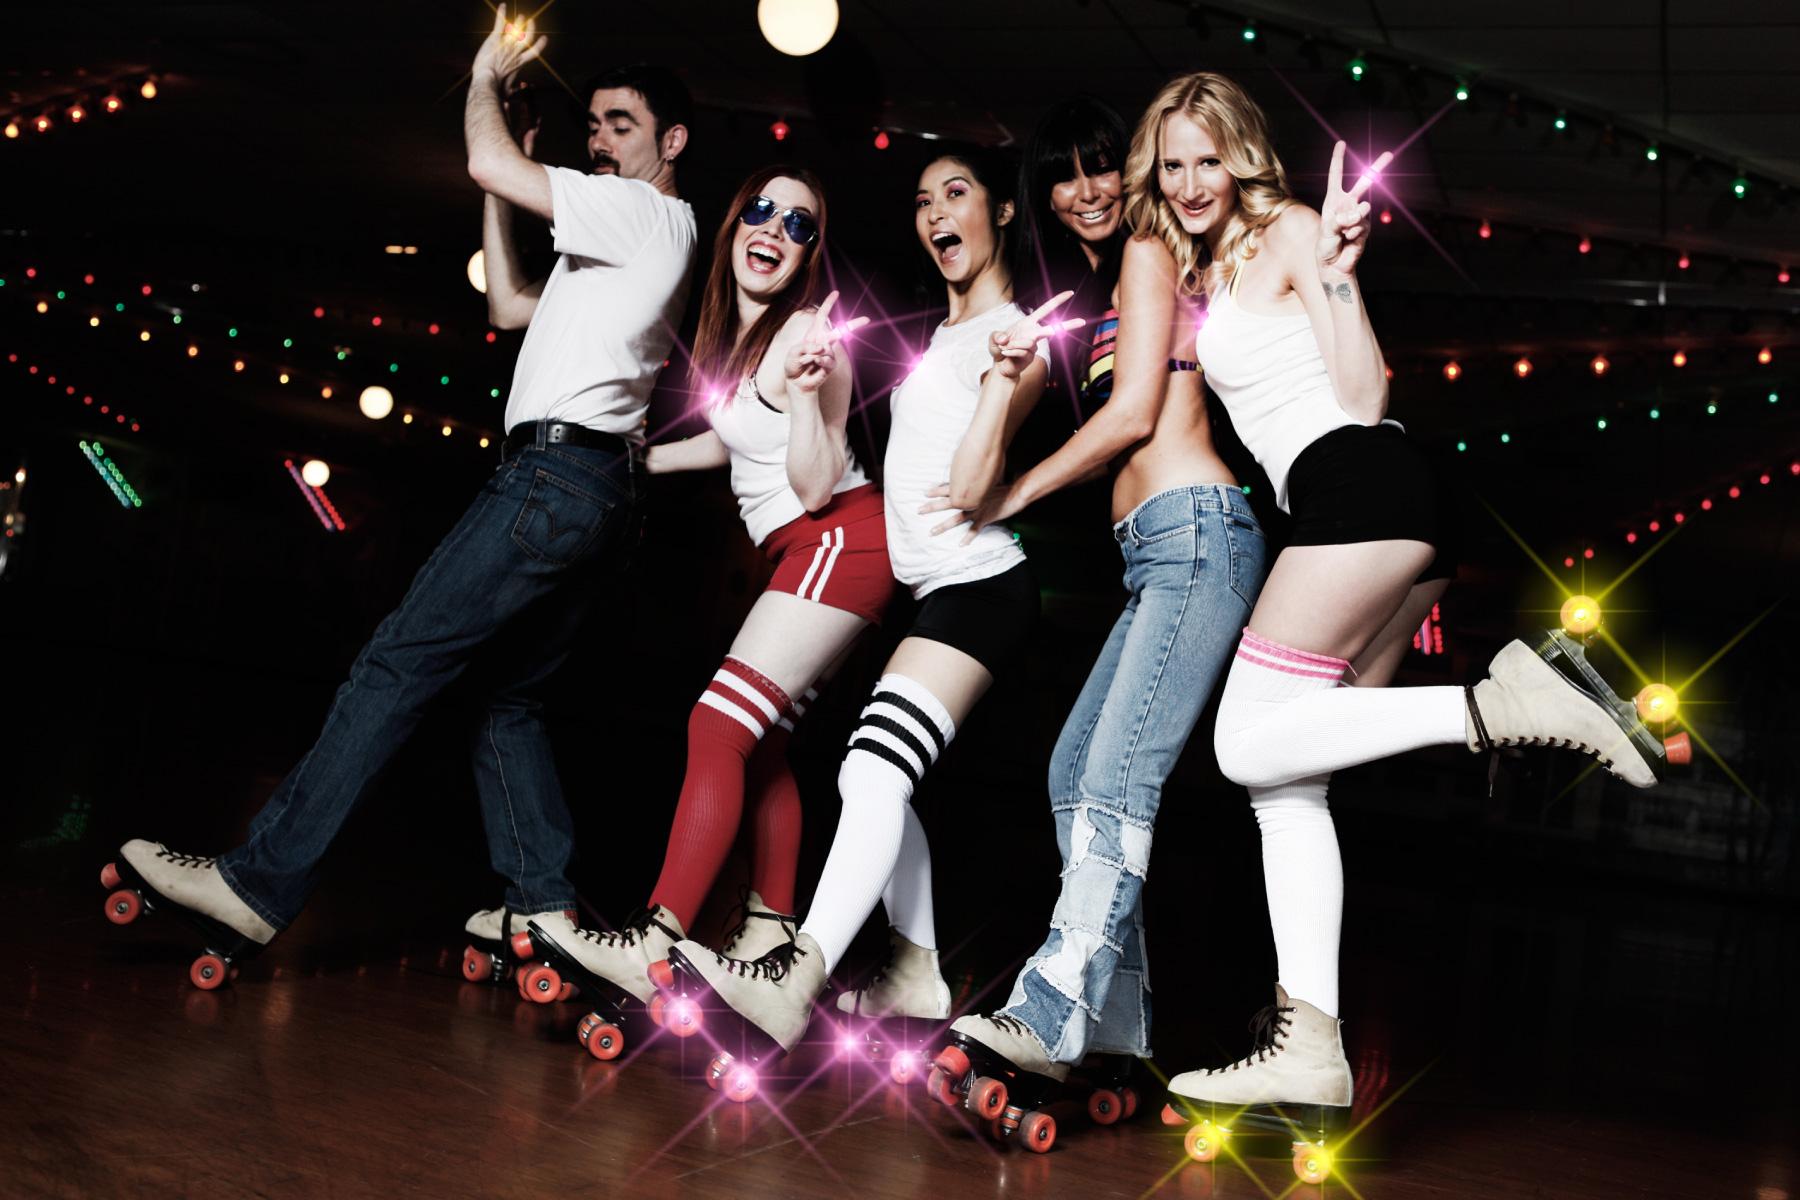 ageHaで光りながらローラースケートで滑る!? エレクトリックローラーディスコ